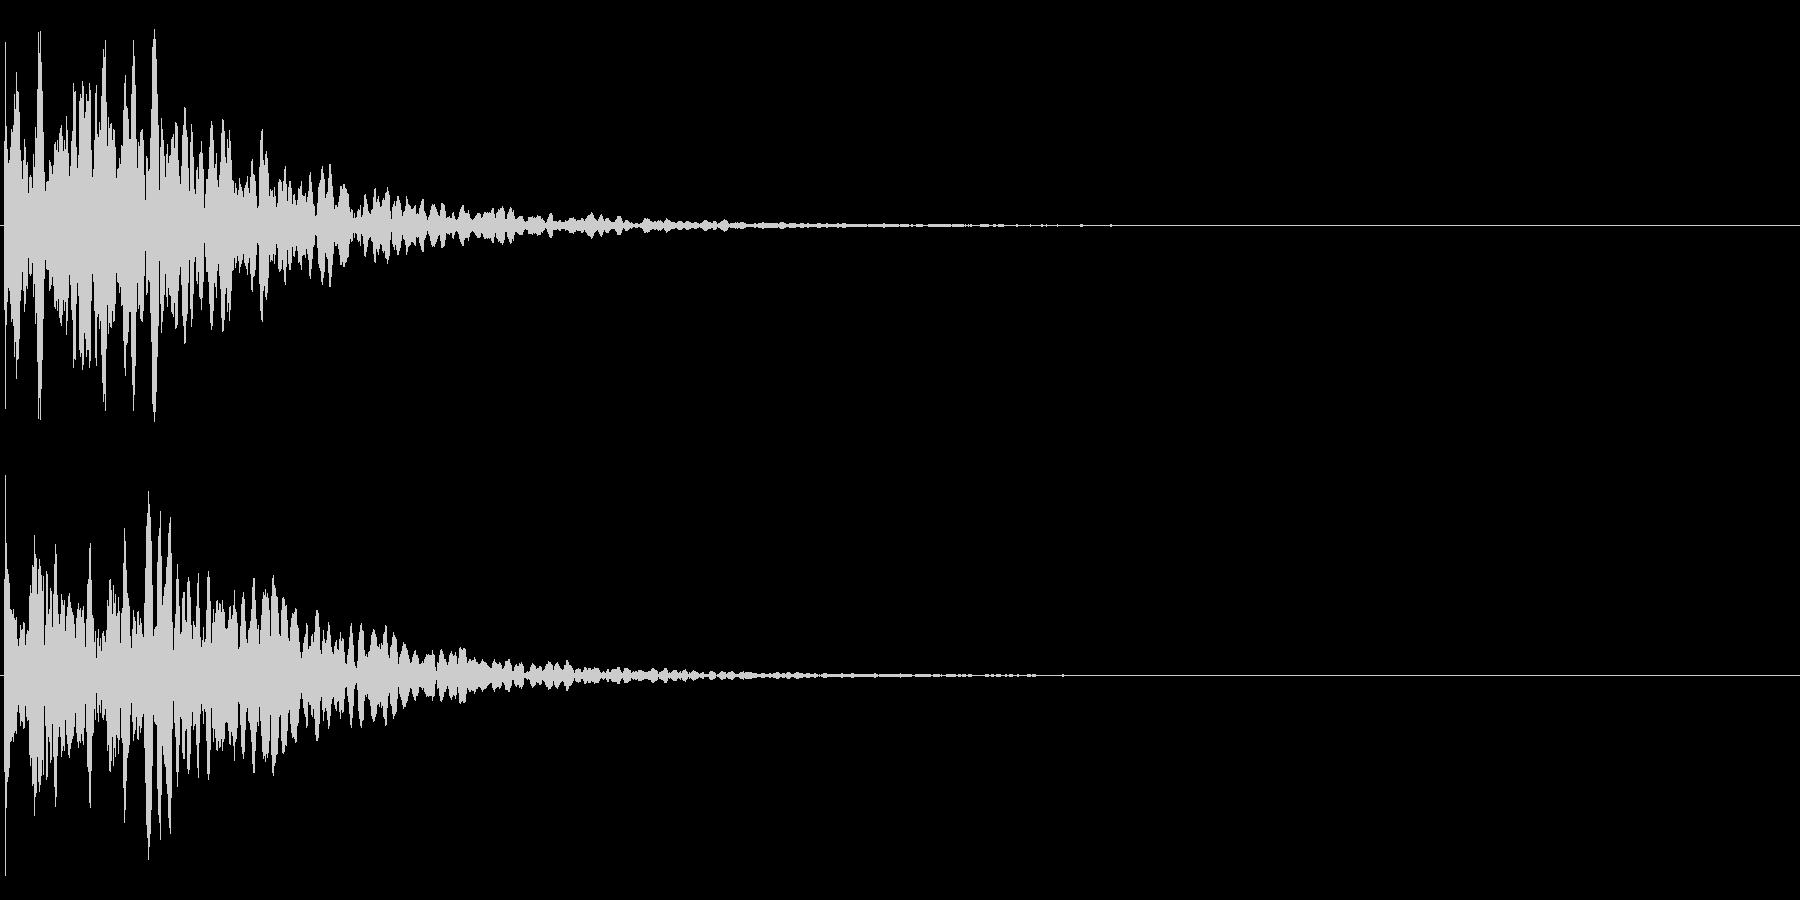 ゲームスタート、決定、ボタン音-096の未再生の波形